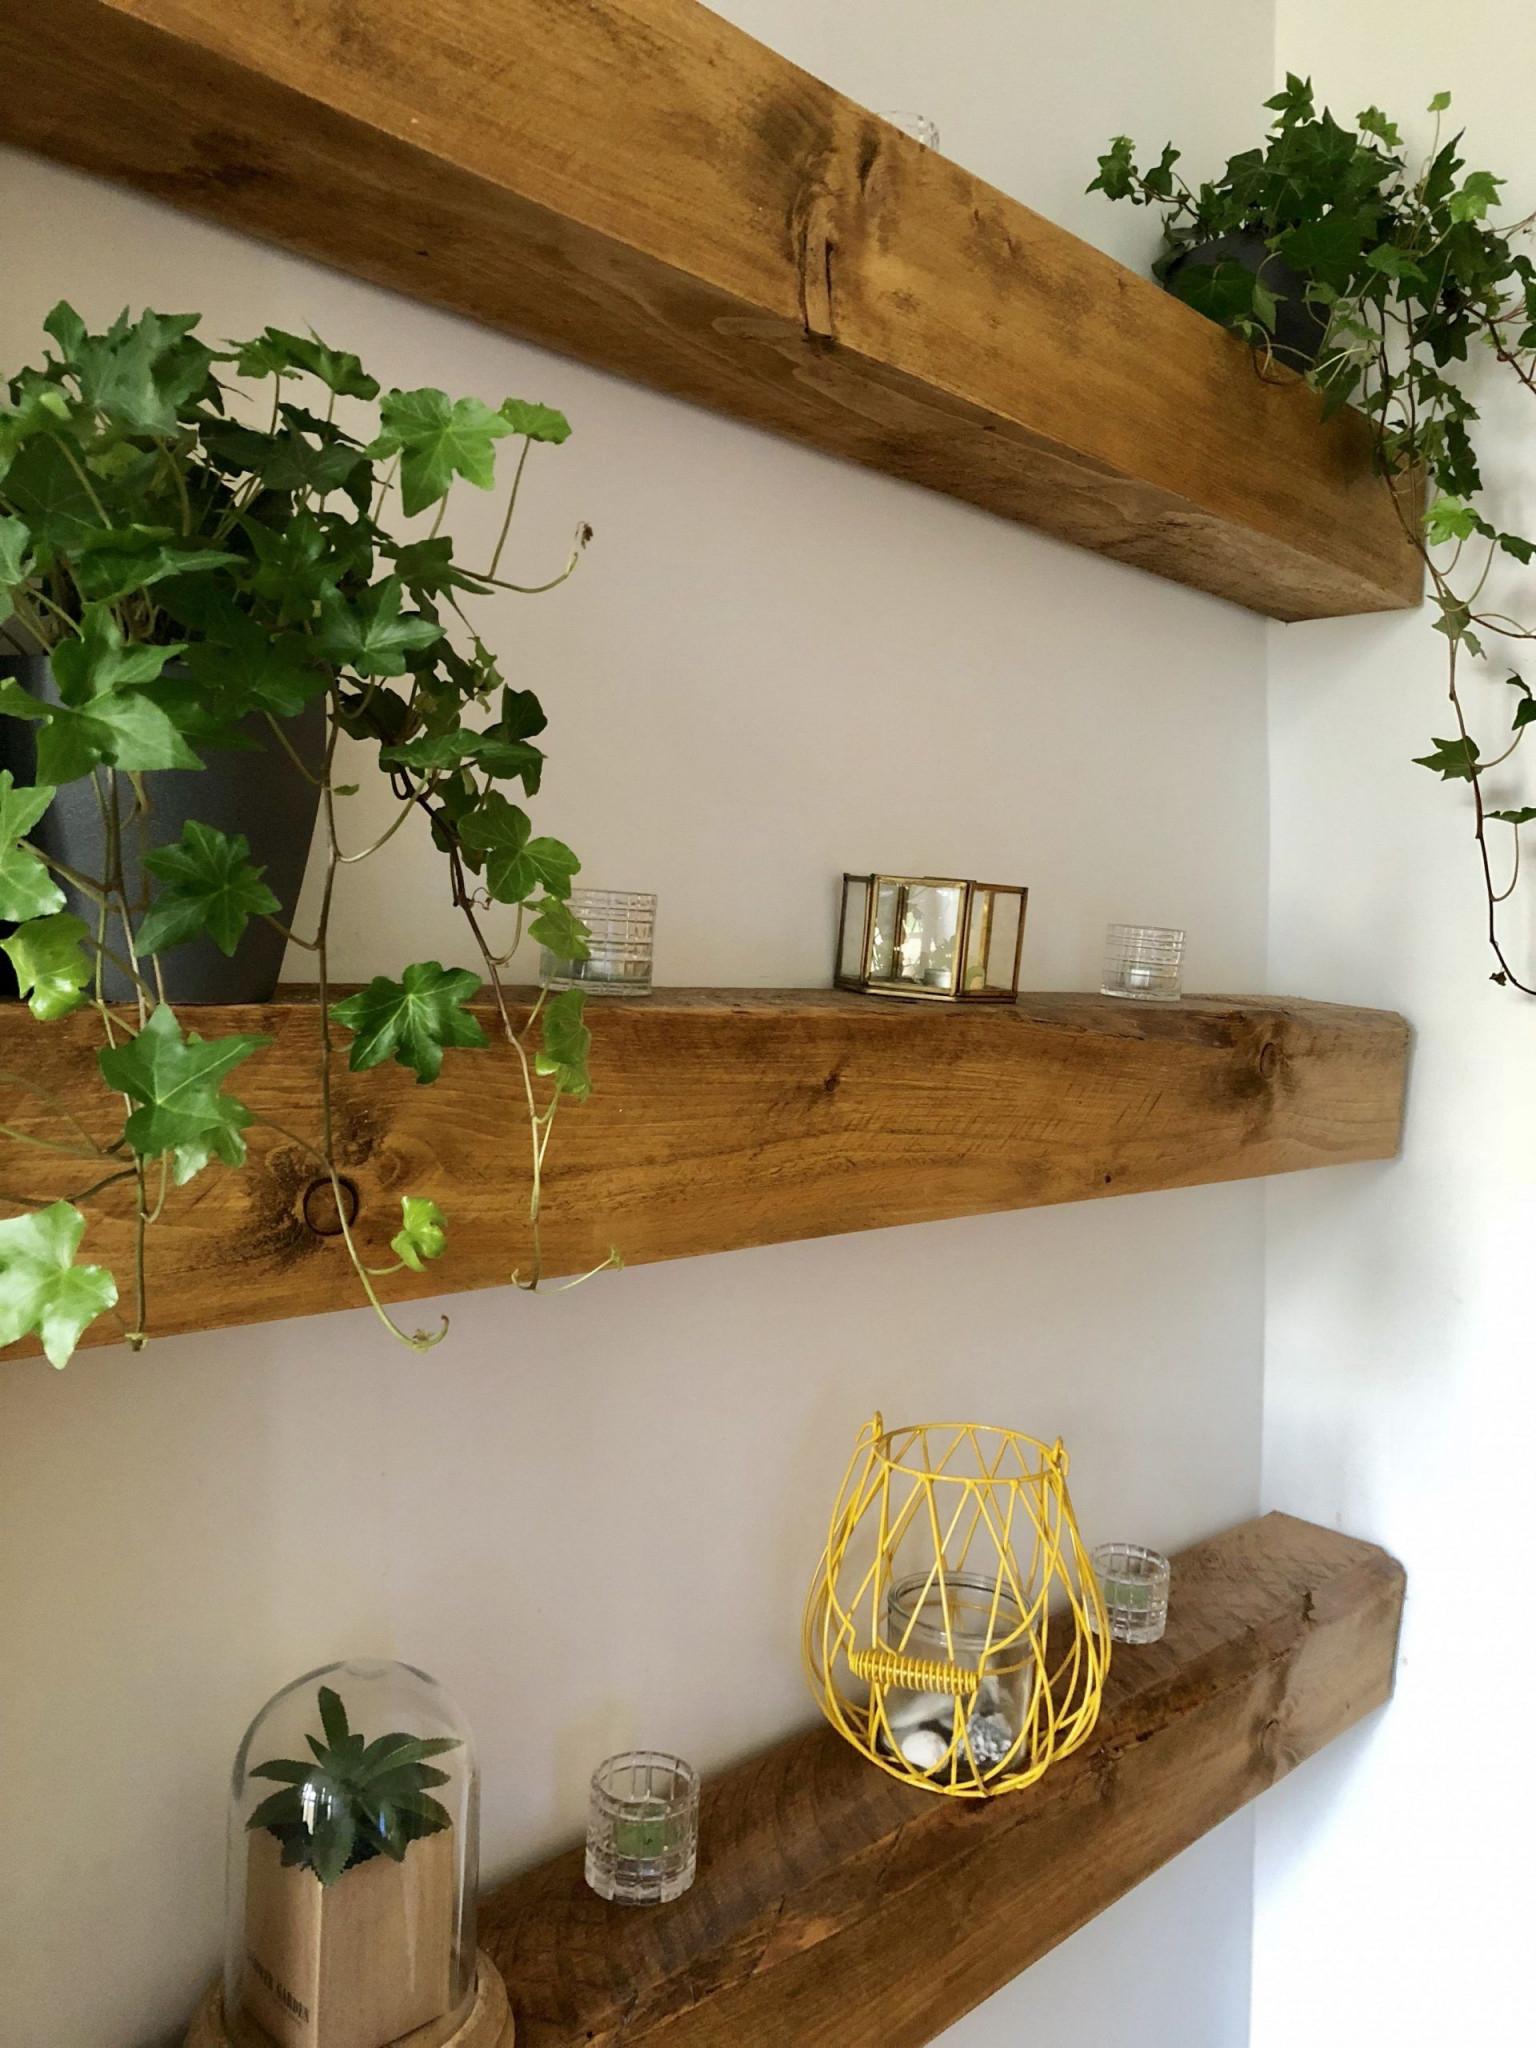 10 Balken Wohnzimmer Deko In 2020  Wandregal Holz von Deko Wohnzimmer Holz Photo